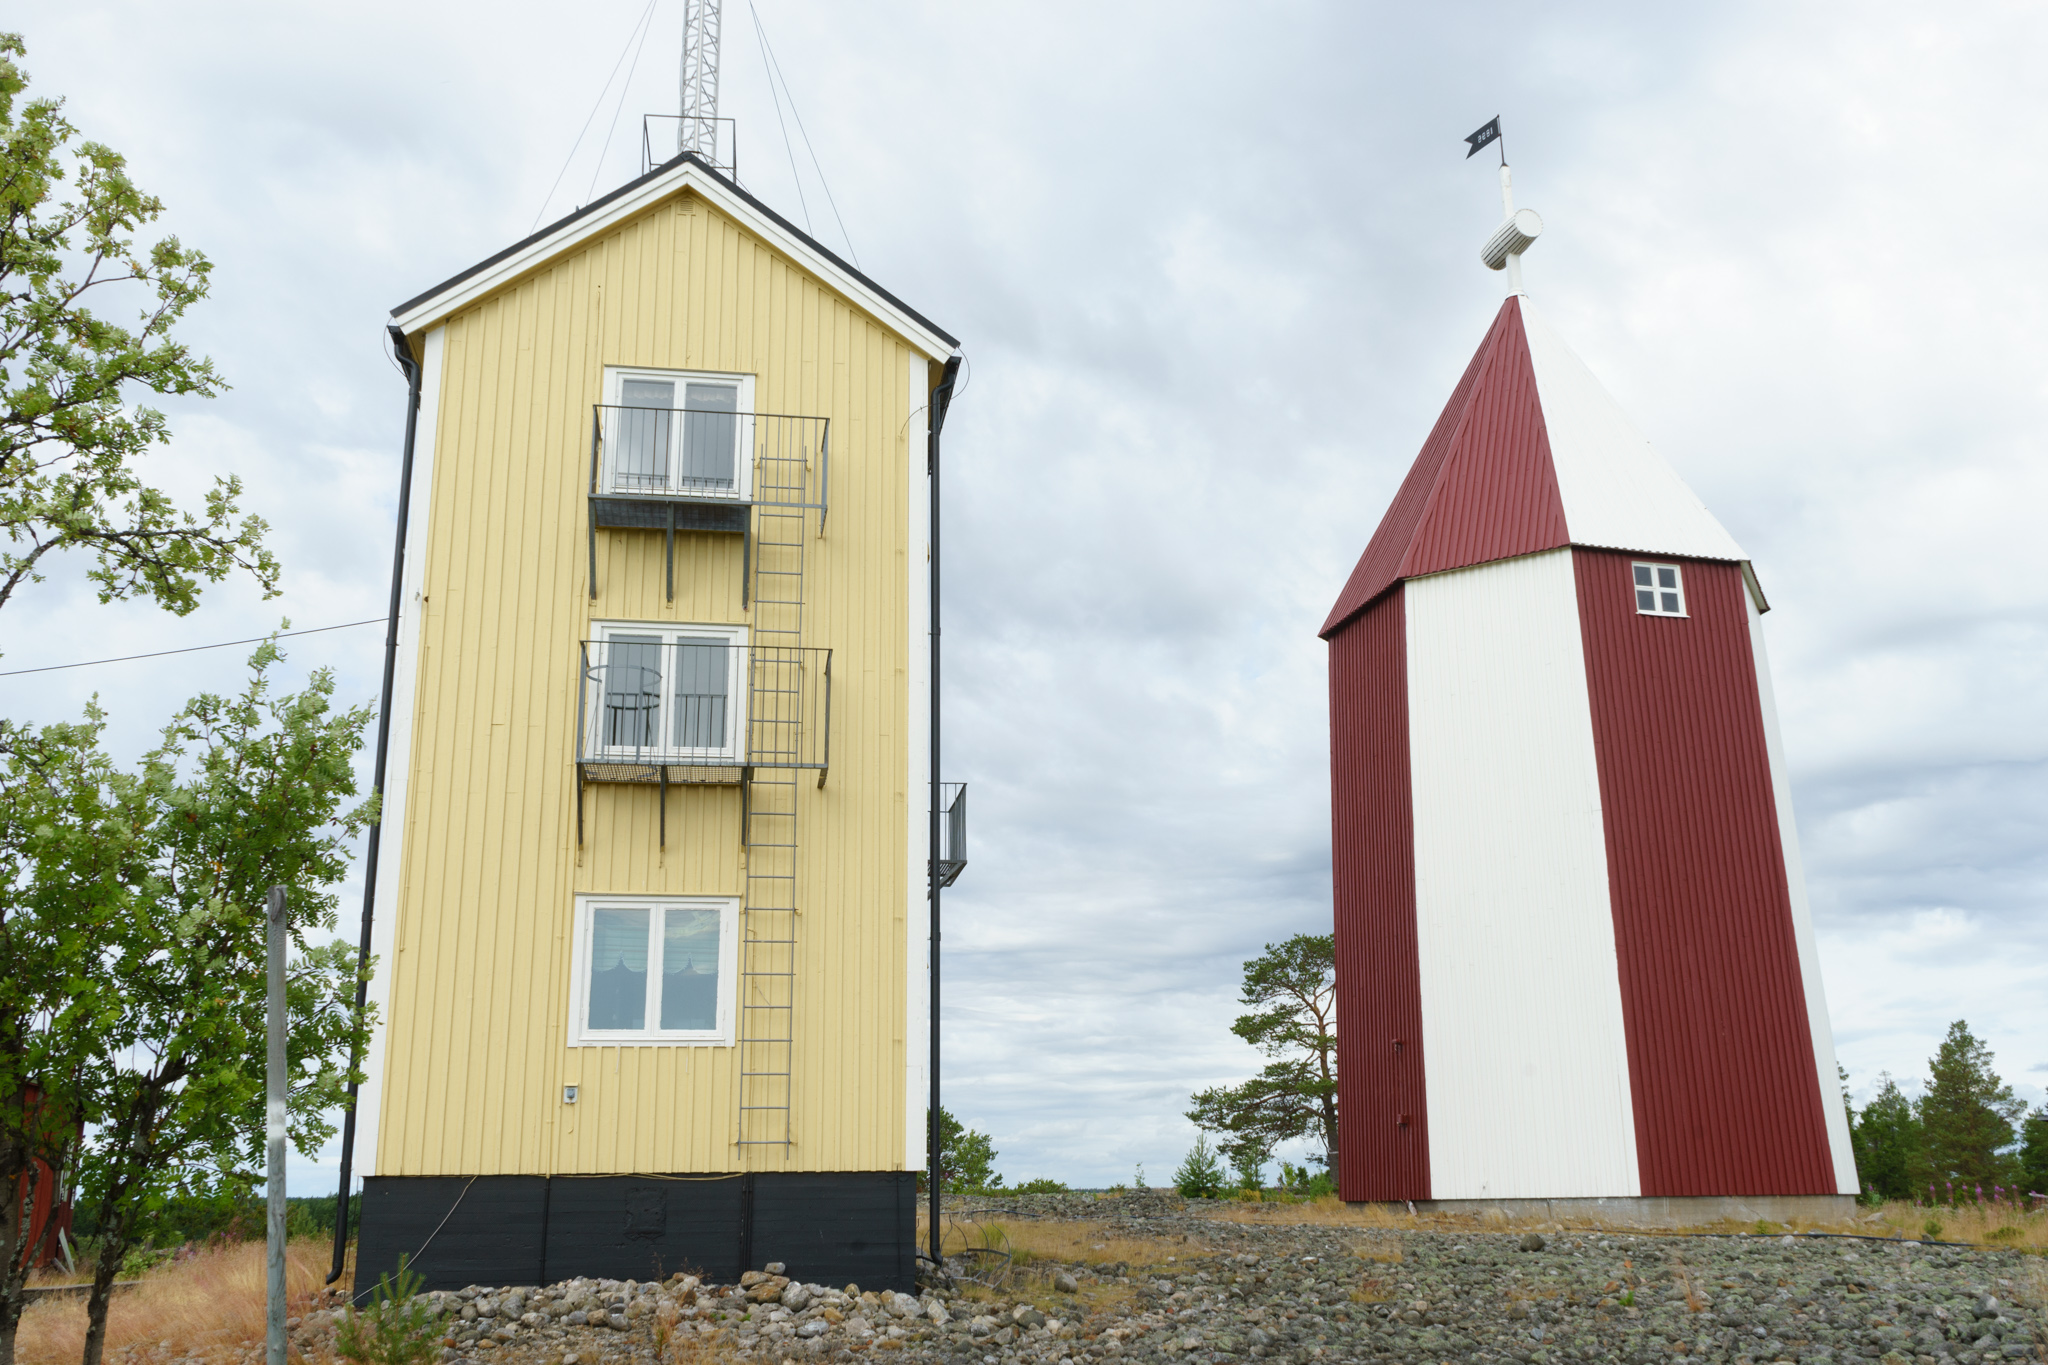 Signalstation auf Ratanskär